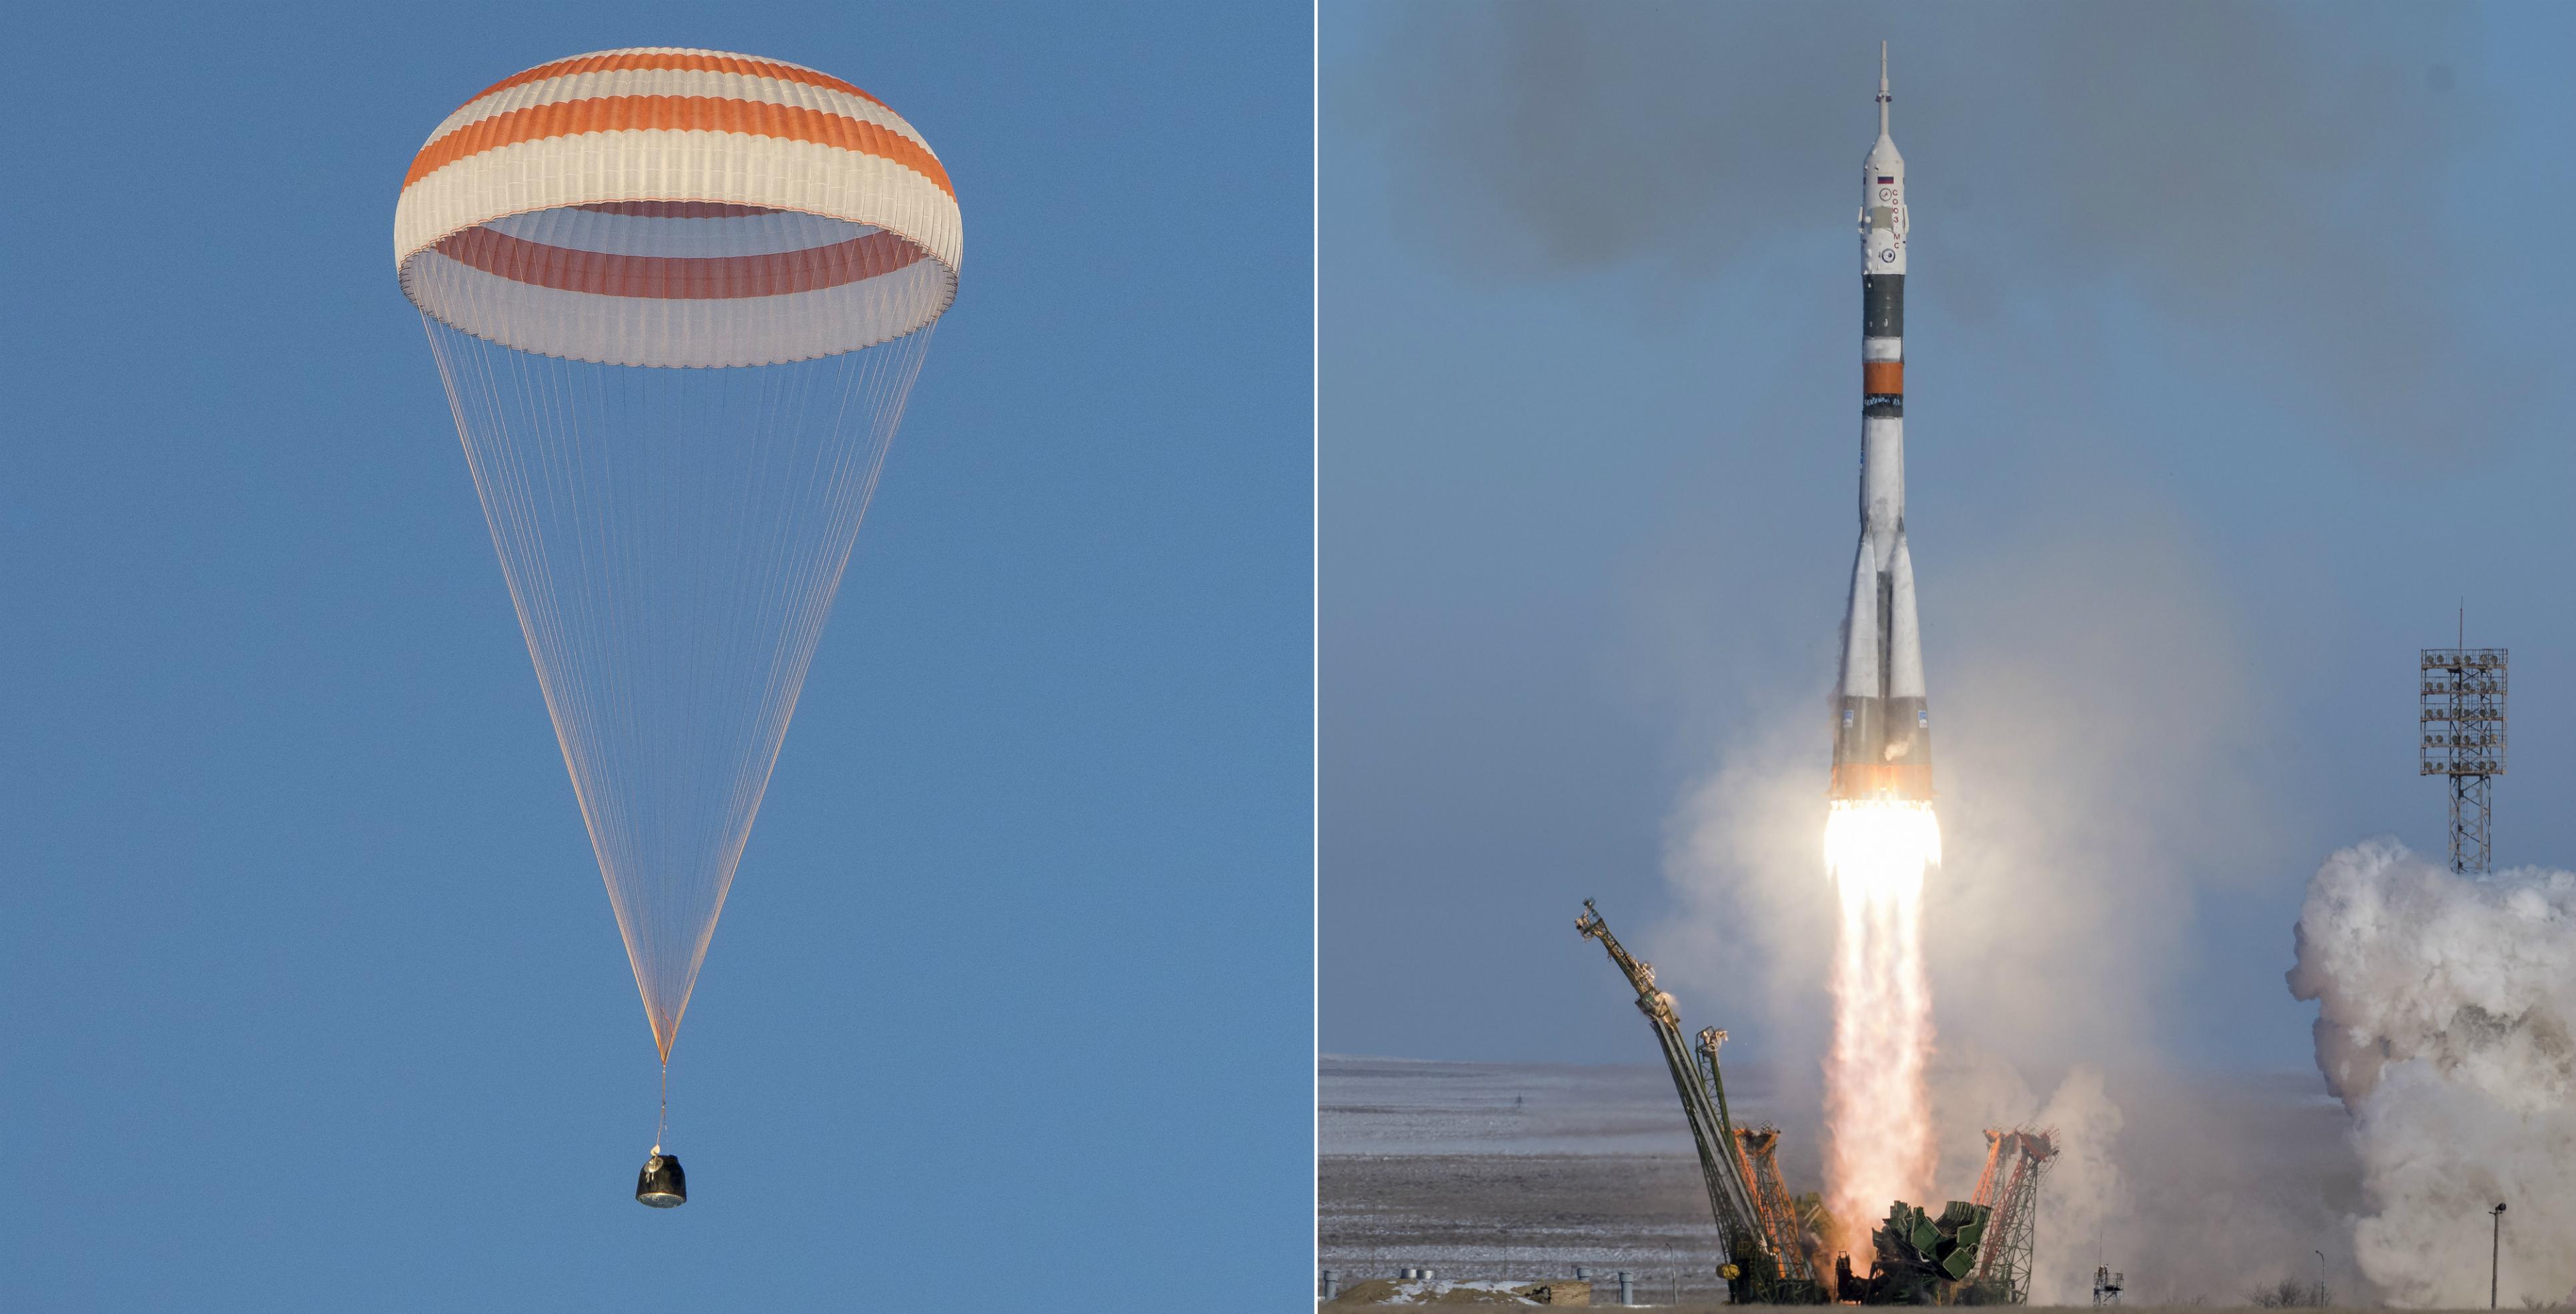 美国国家航空航天局一个空间站的机组人员返航,另一个发射